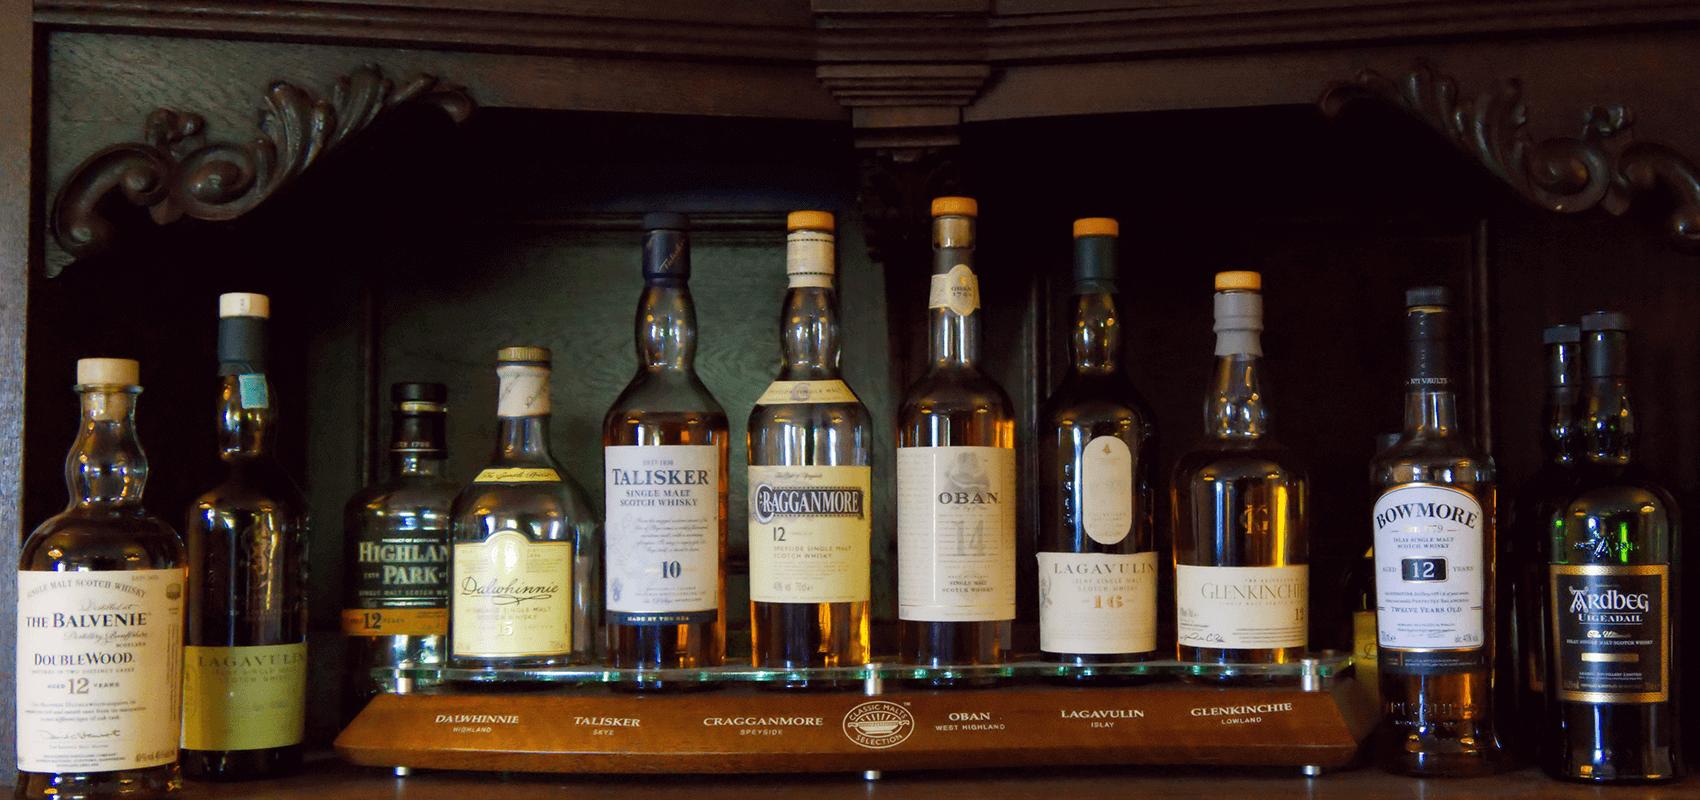 Hotel Regina Maris, Norden-Norddeich, Nordsee, Ostfriesland, Verschiedene Rum- und Whiskyflaschen